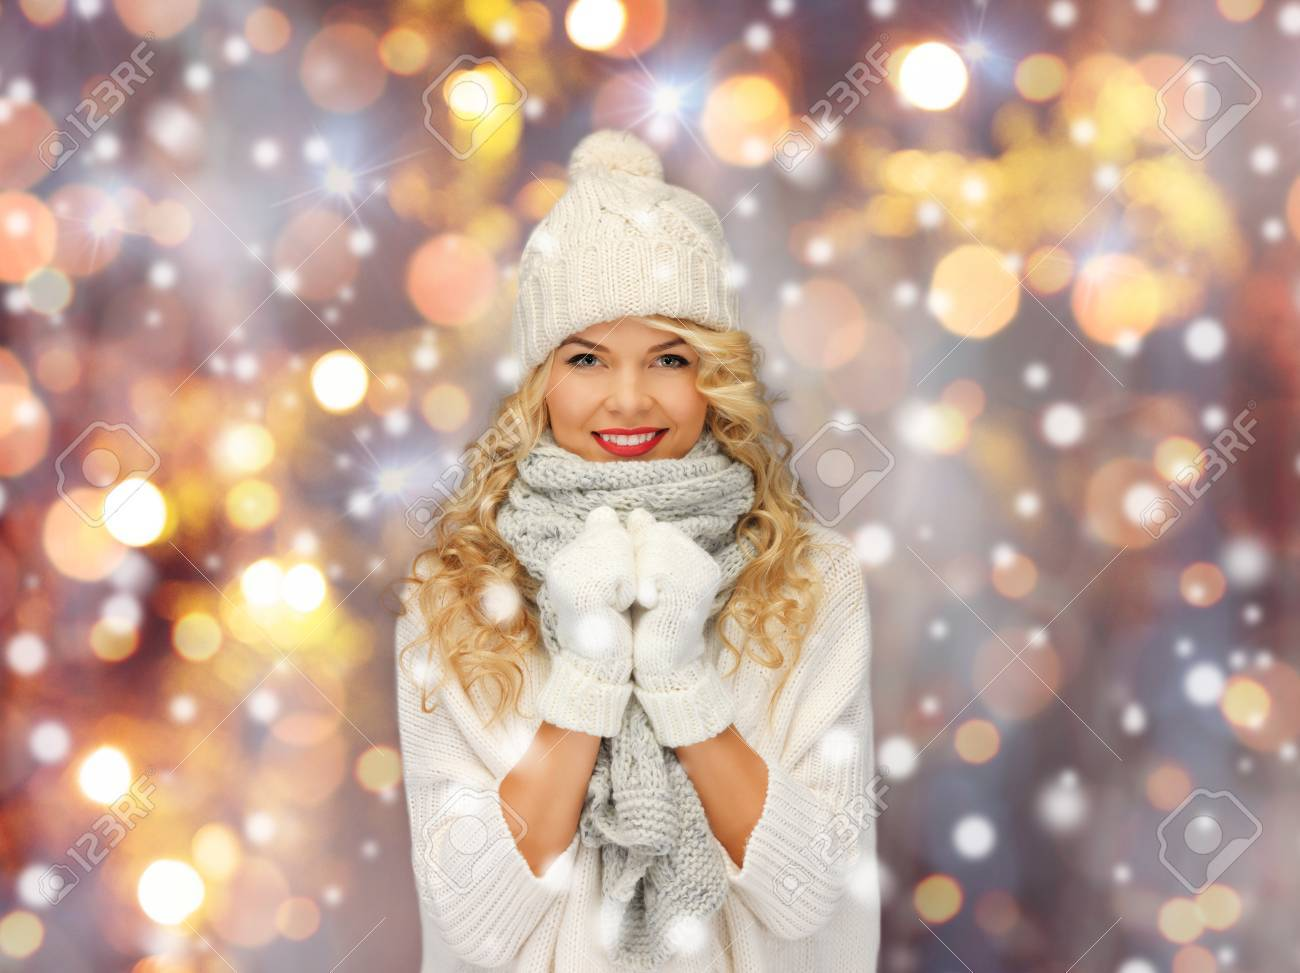 Banque d images - Gens, noël, vacances et concept de nouvel an - heureuse  souriante belle femme en hiver chapeau, écharpe et moufles sur les lumières  de ... ebc119acfa9